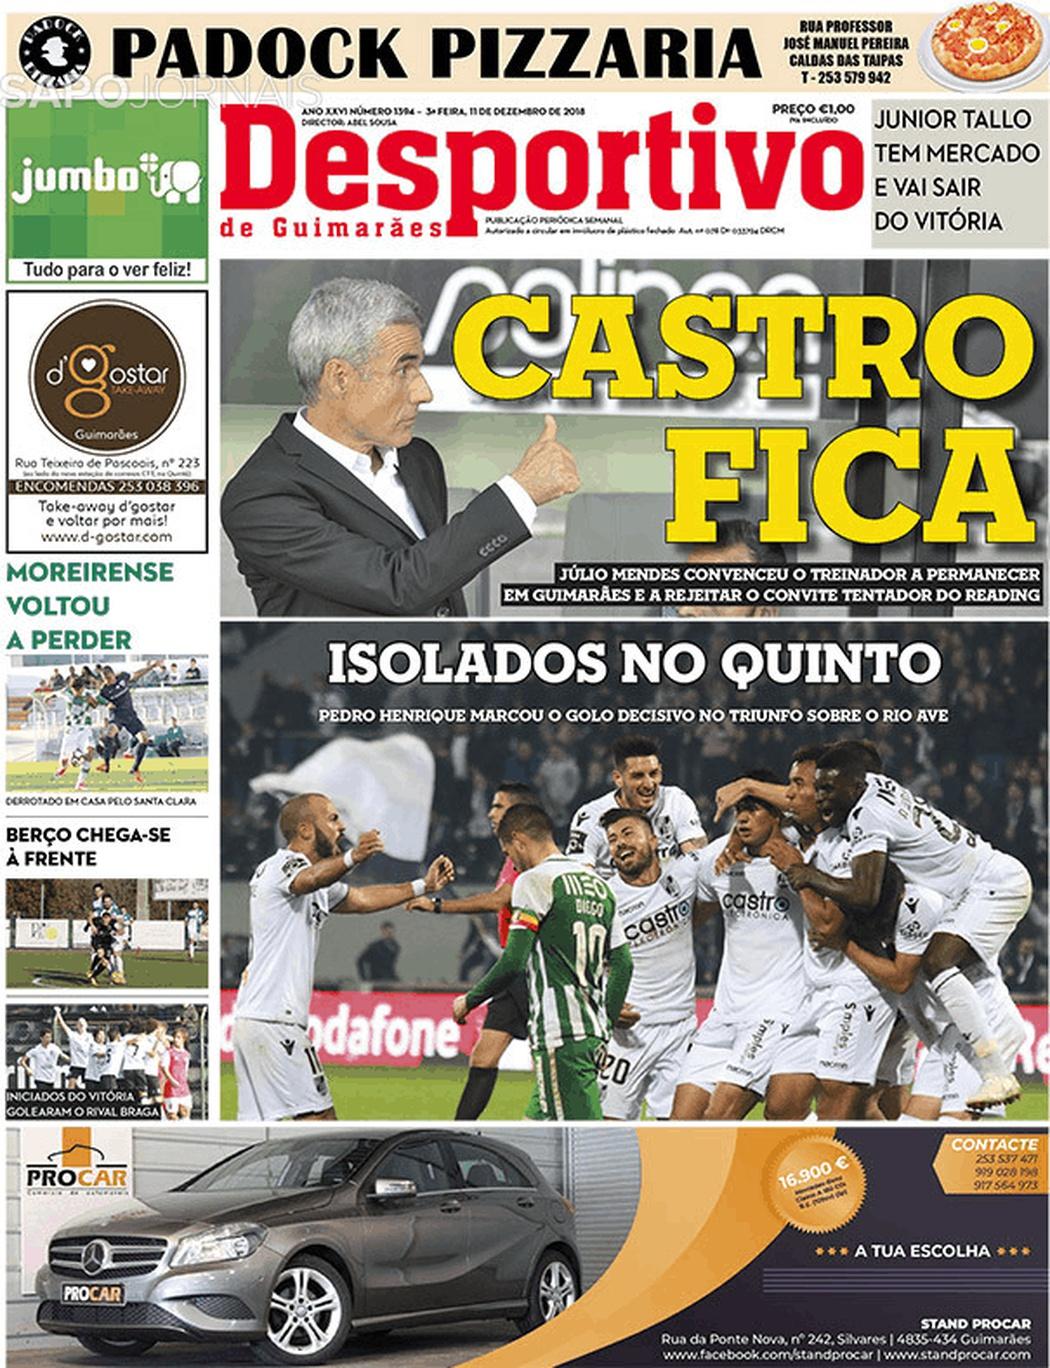 Banca De Jornais Desportivo De Guimarães 11 12 2018 Futebol 365